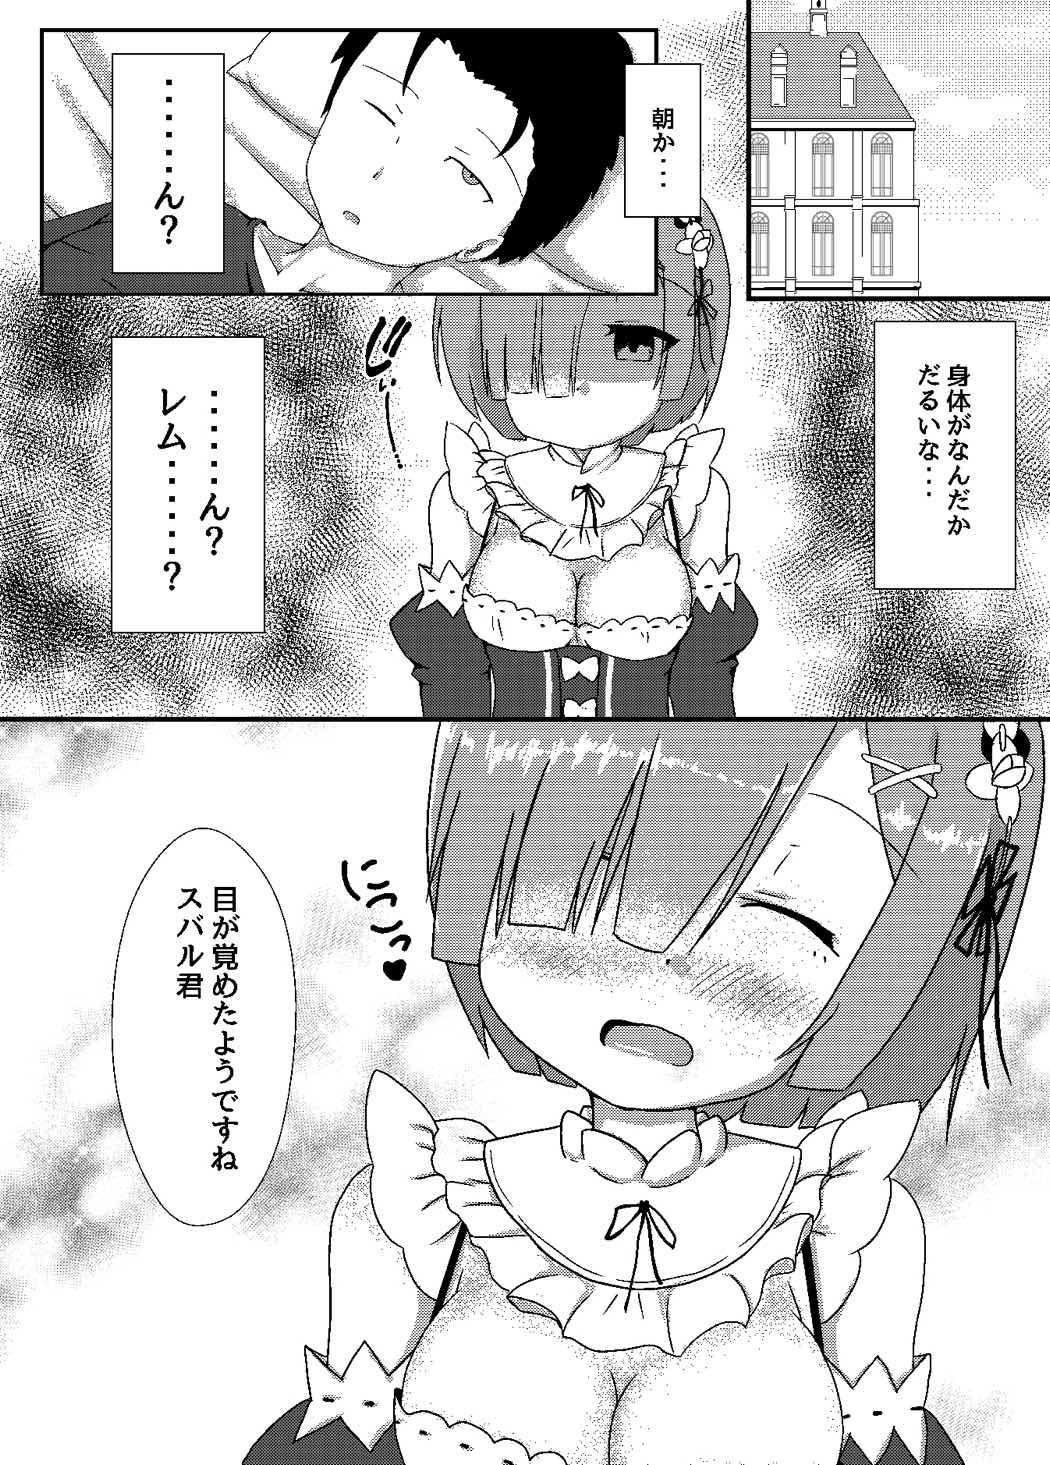 Subaru-kun Rem no Mono ni Natte Kudasai 4